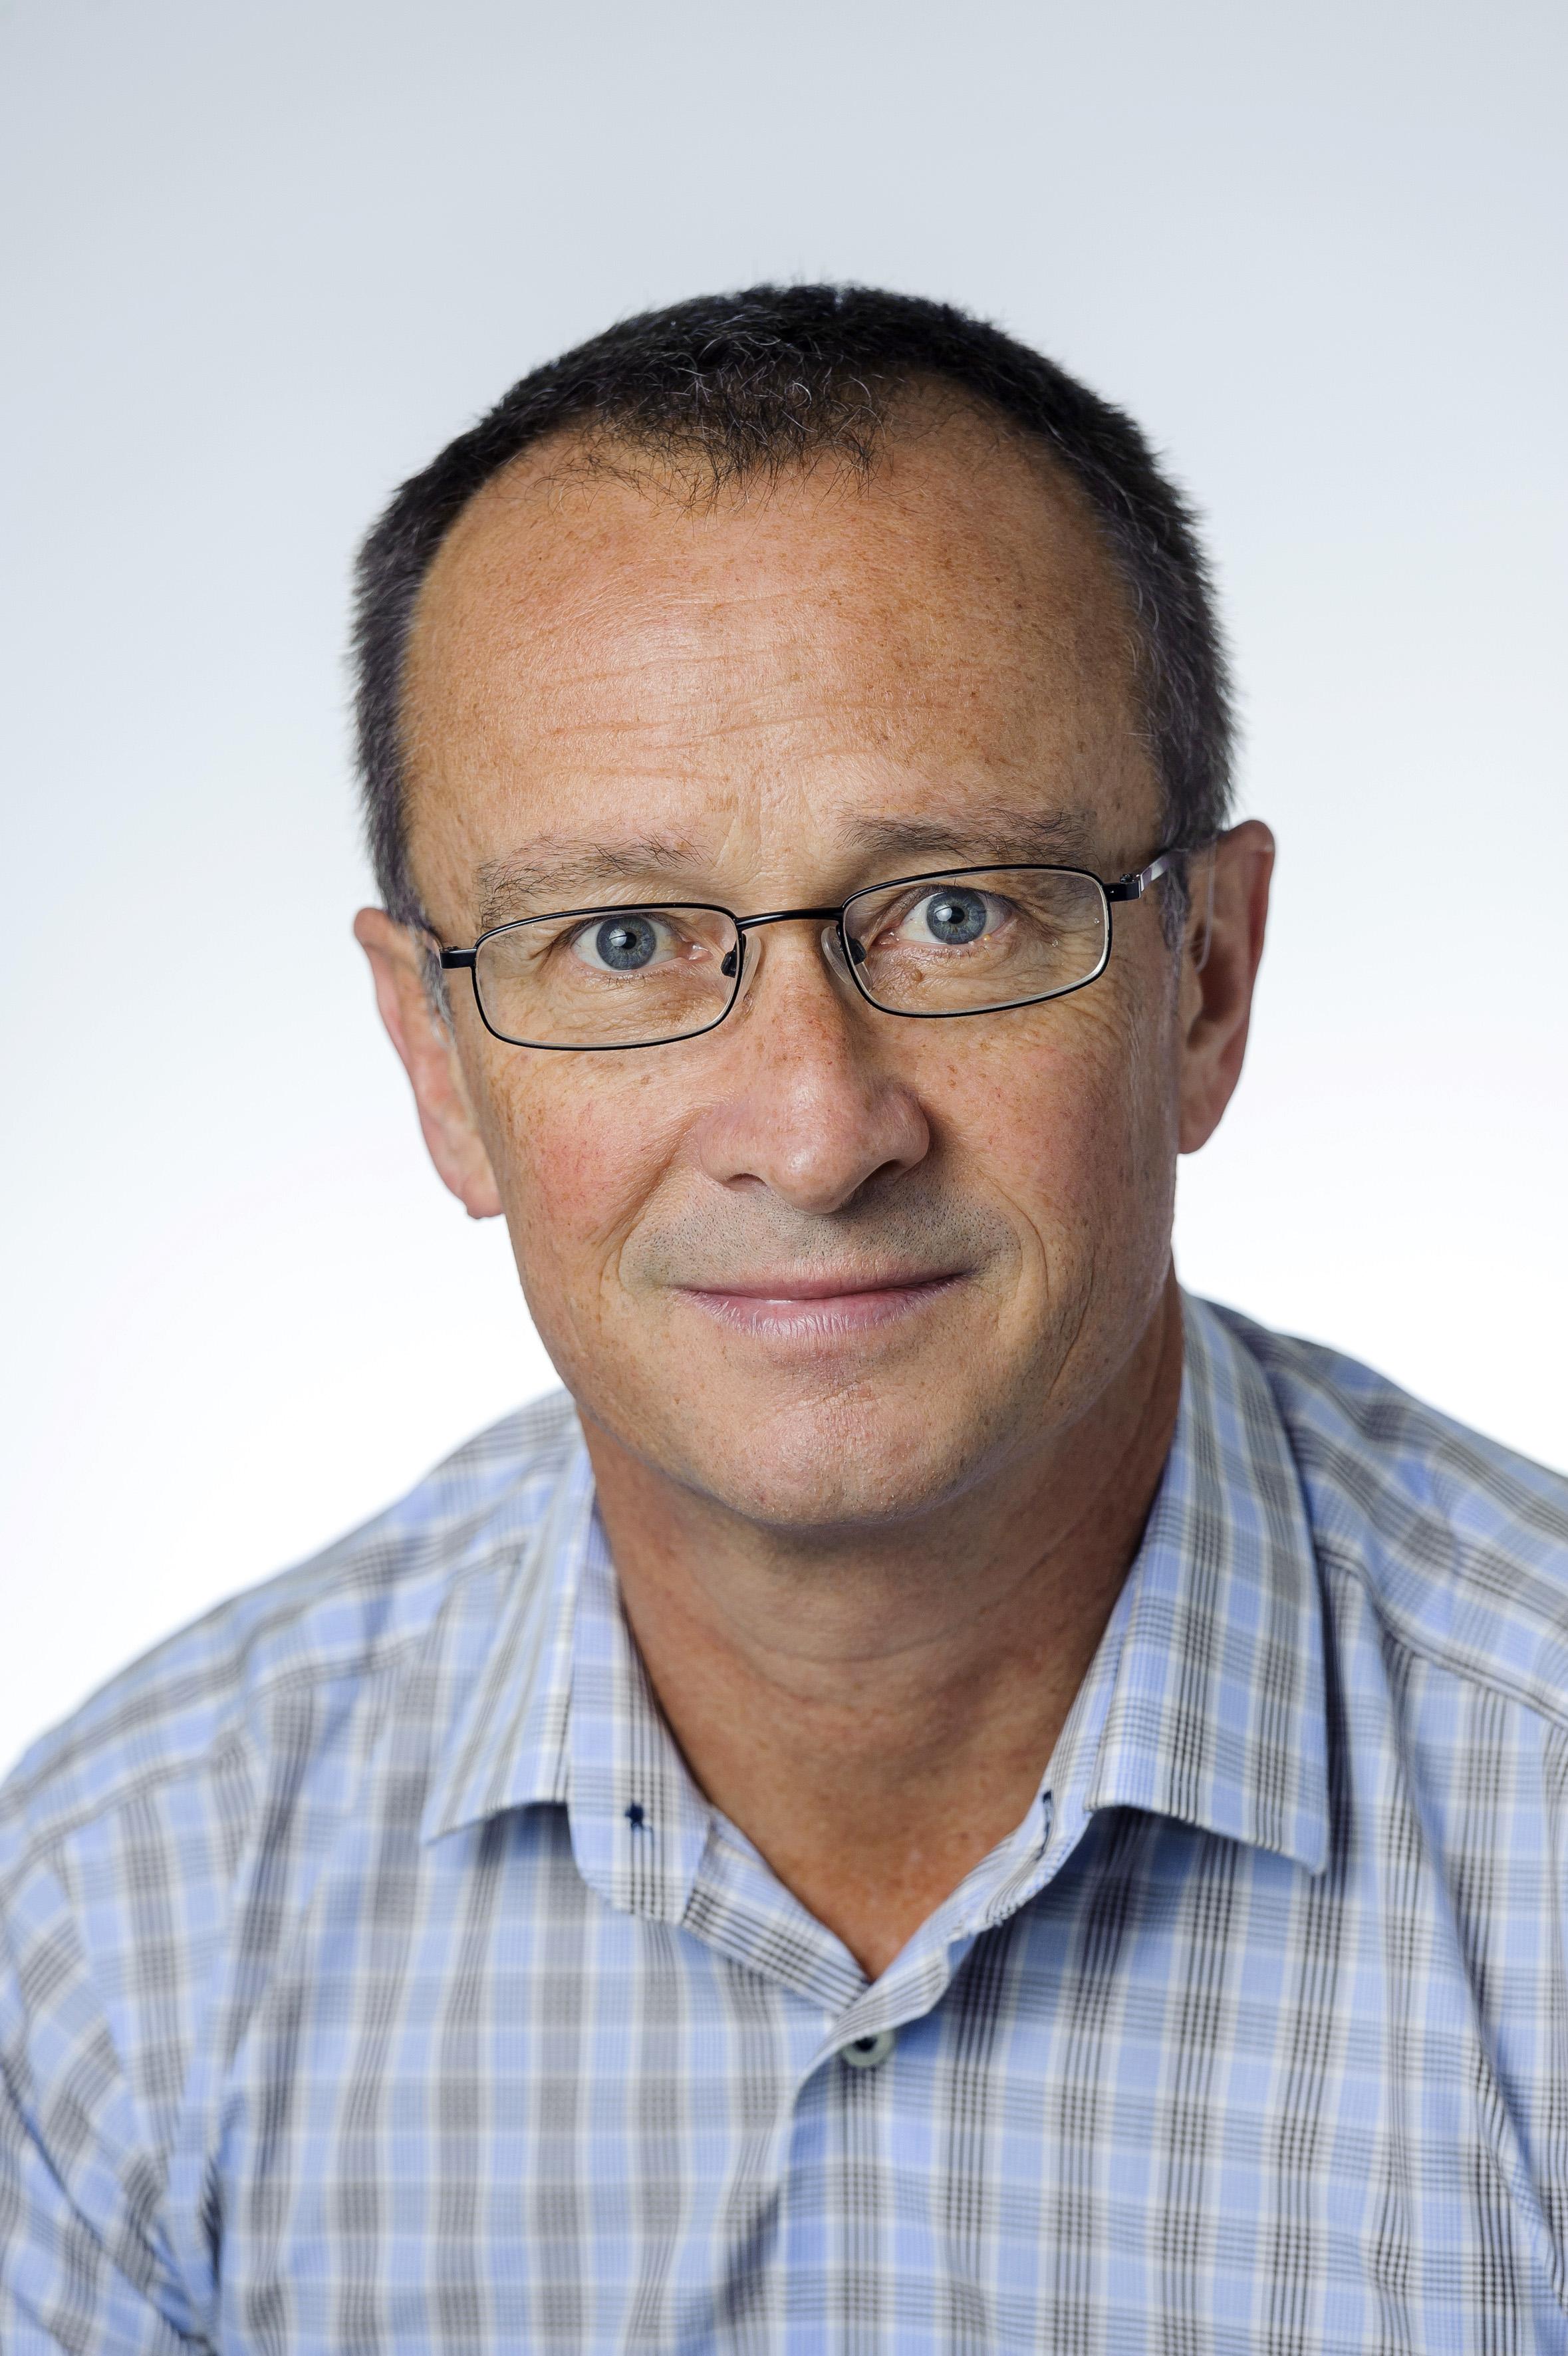 Scott Cozins - General Manager